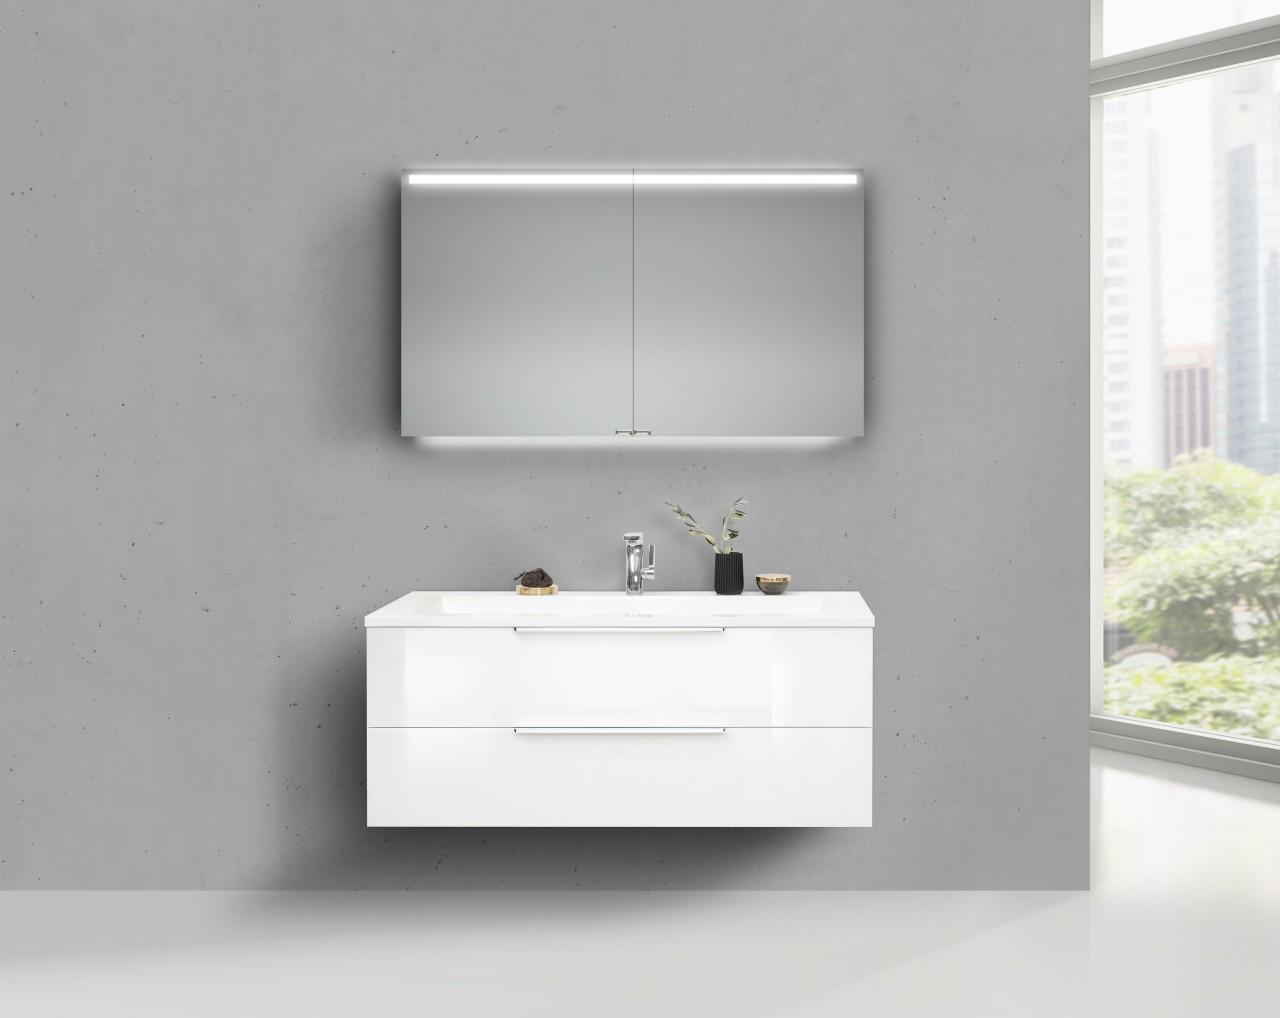 intarbad badm bel sets online kaufen m bel suchmaschine. Black Bedroom Furniture Sets. Home Design Ideas